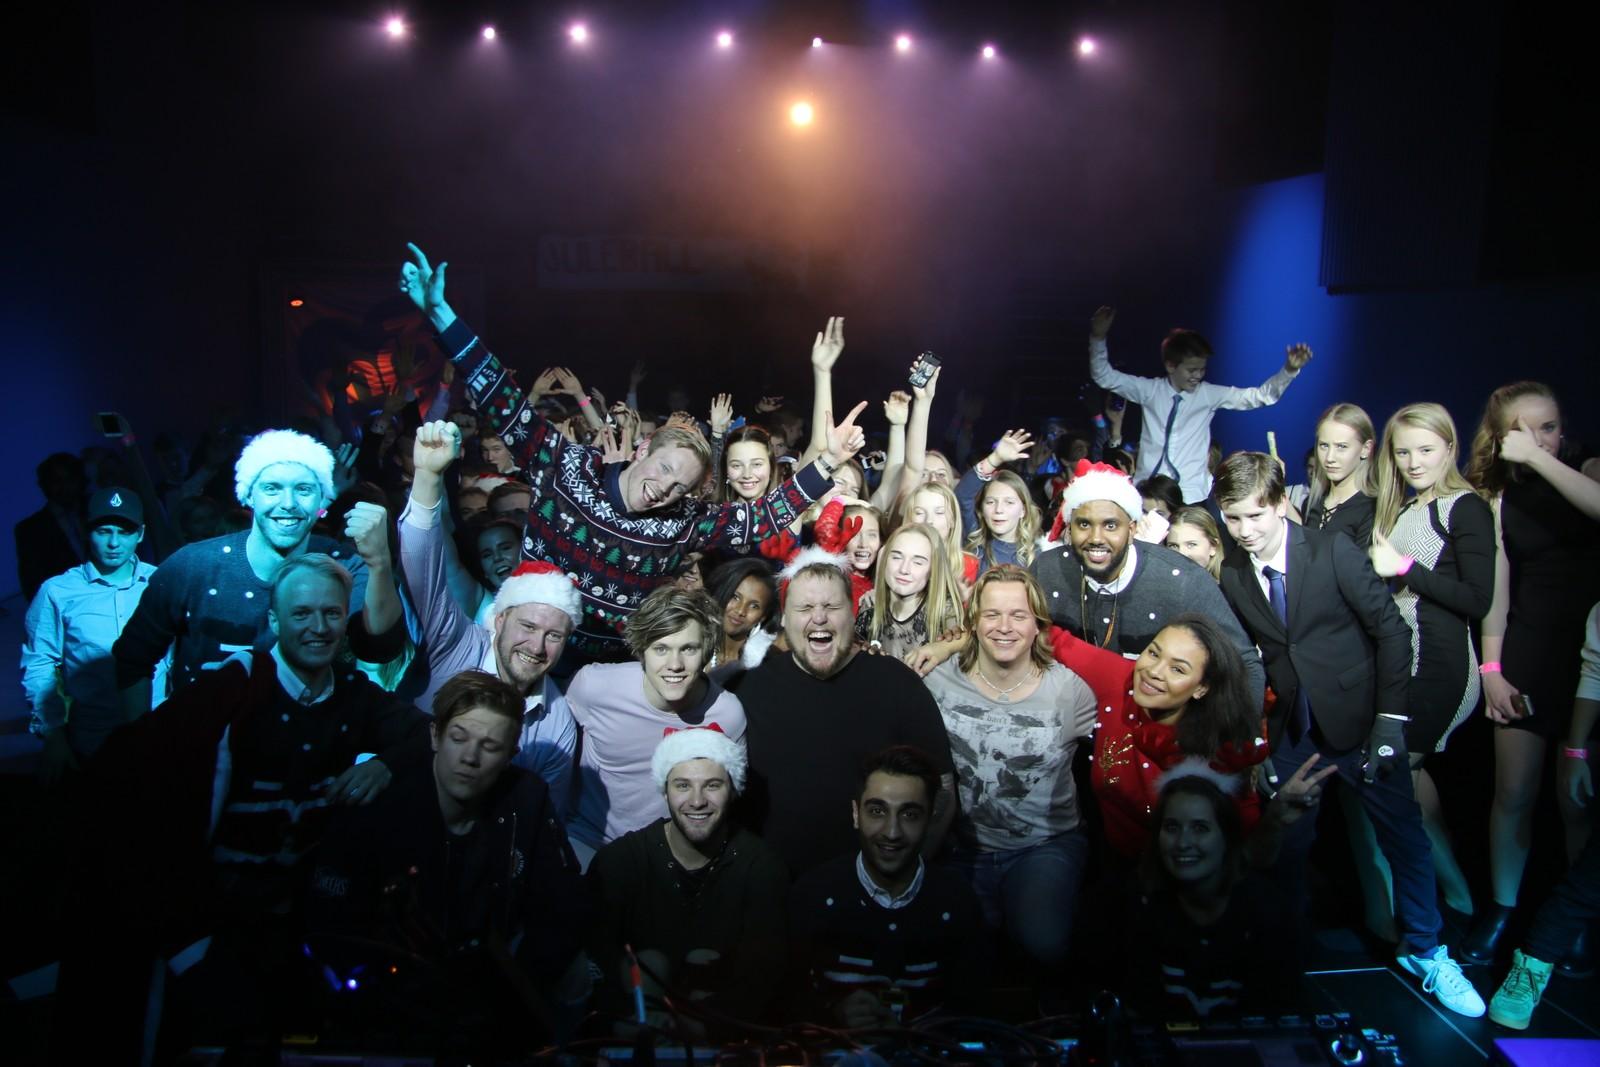 Elever og NRK mP3-gjengen samlet på scenen på Bruket Kulturhus i Hommelvik.